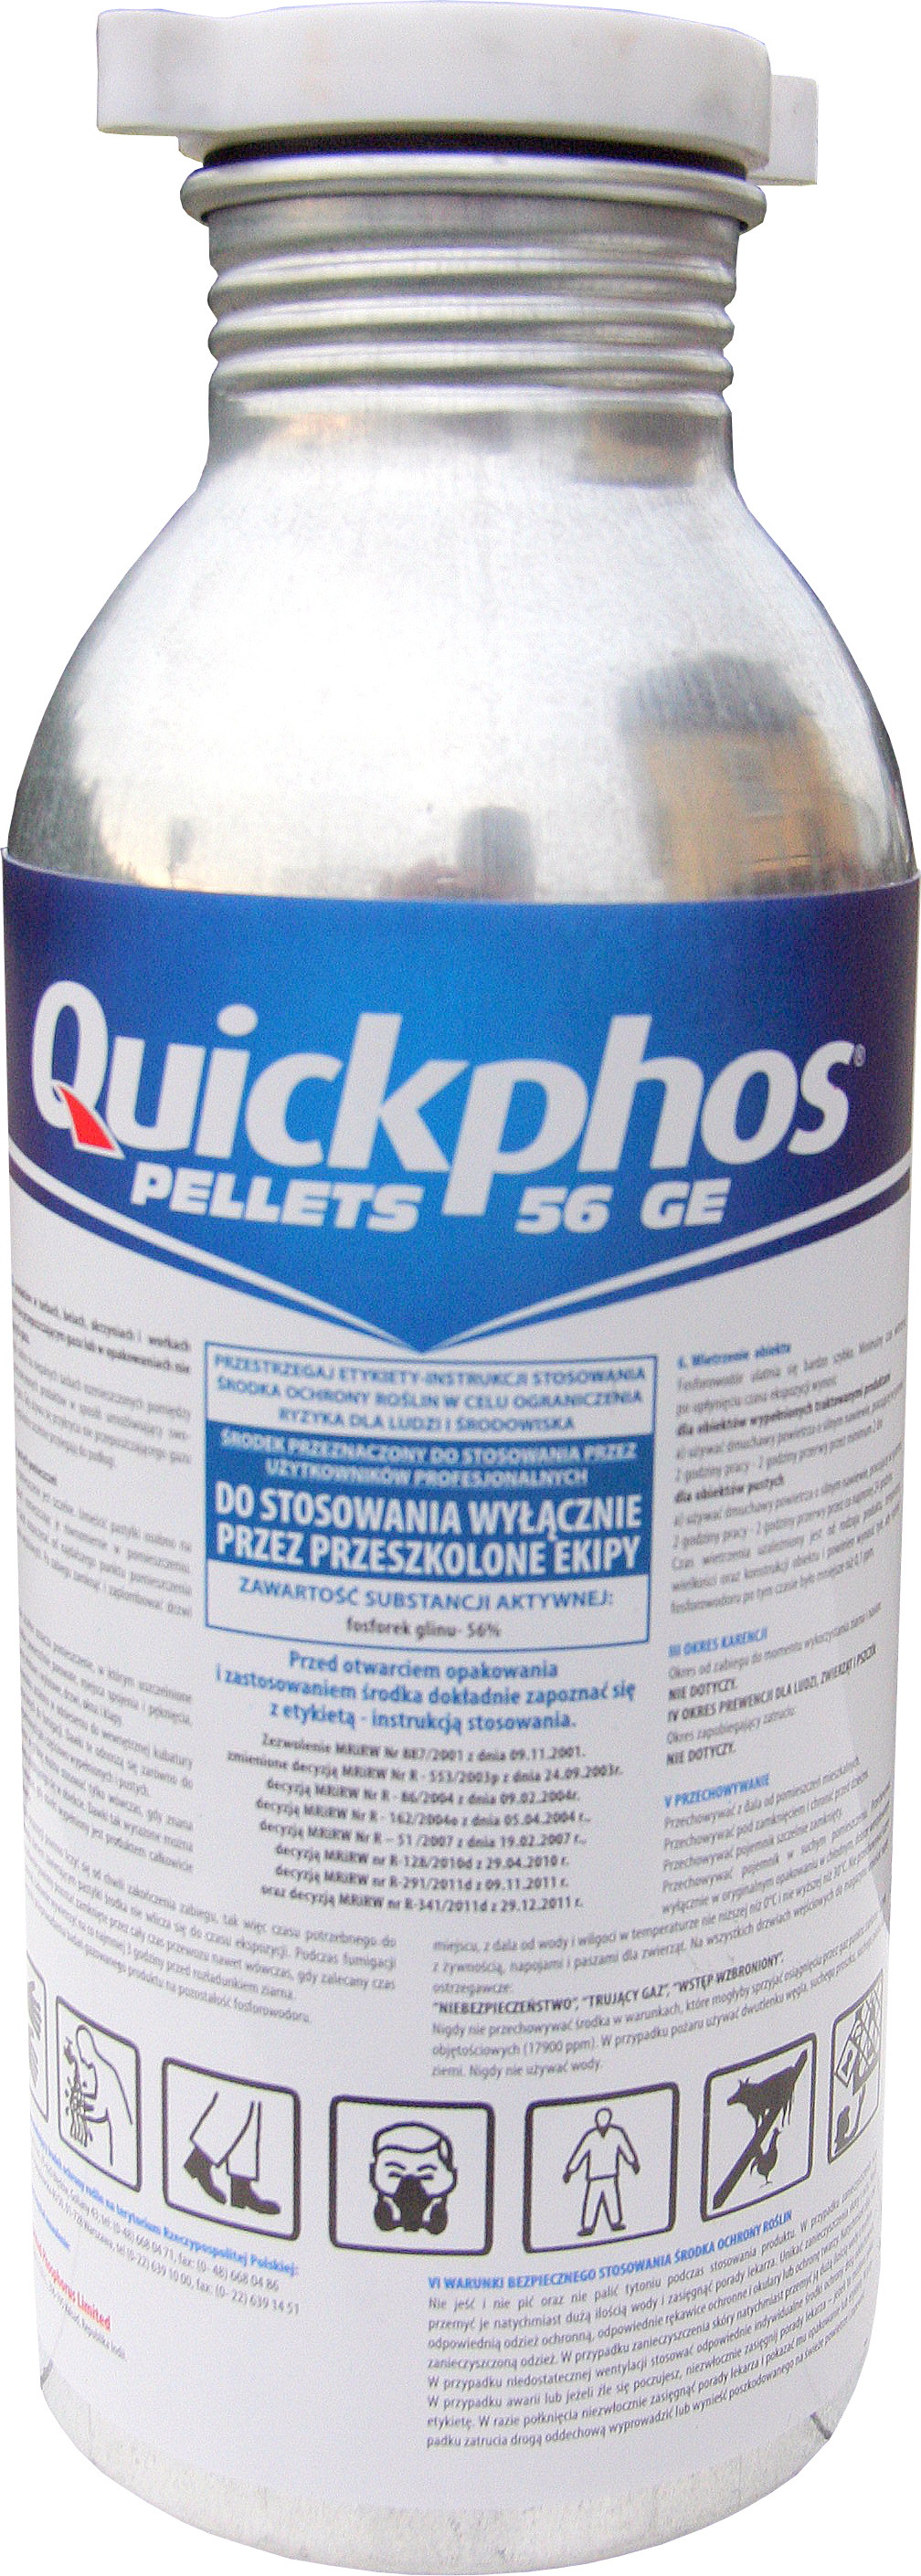 quickphos